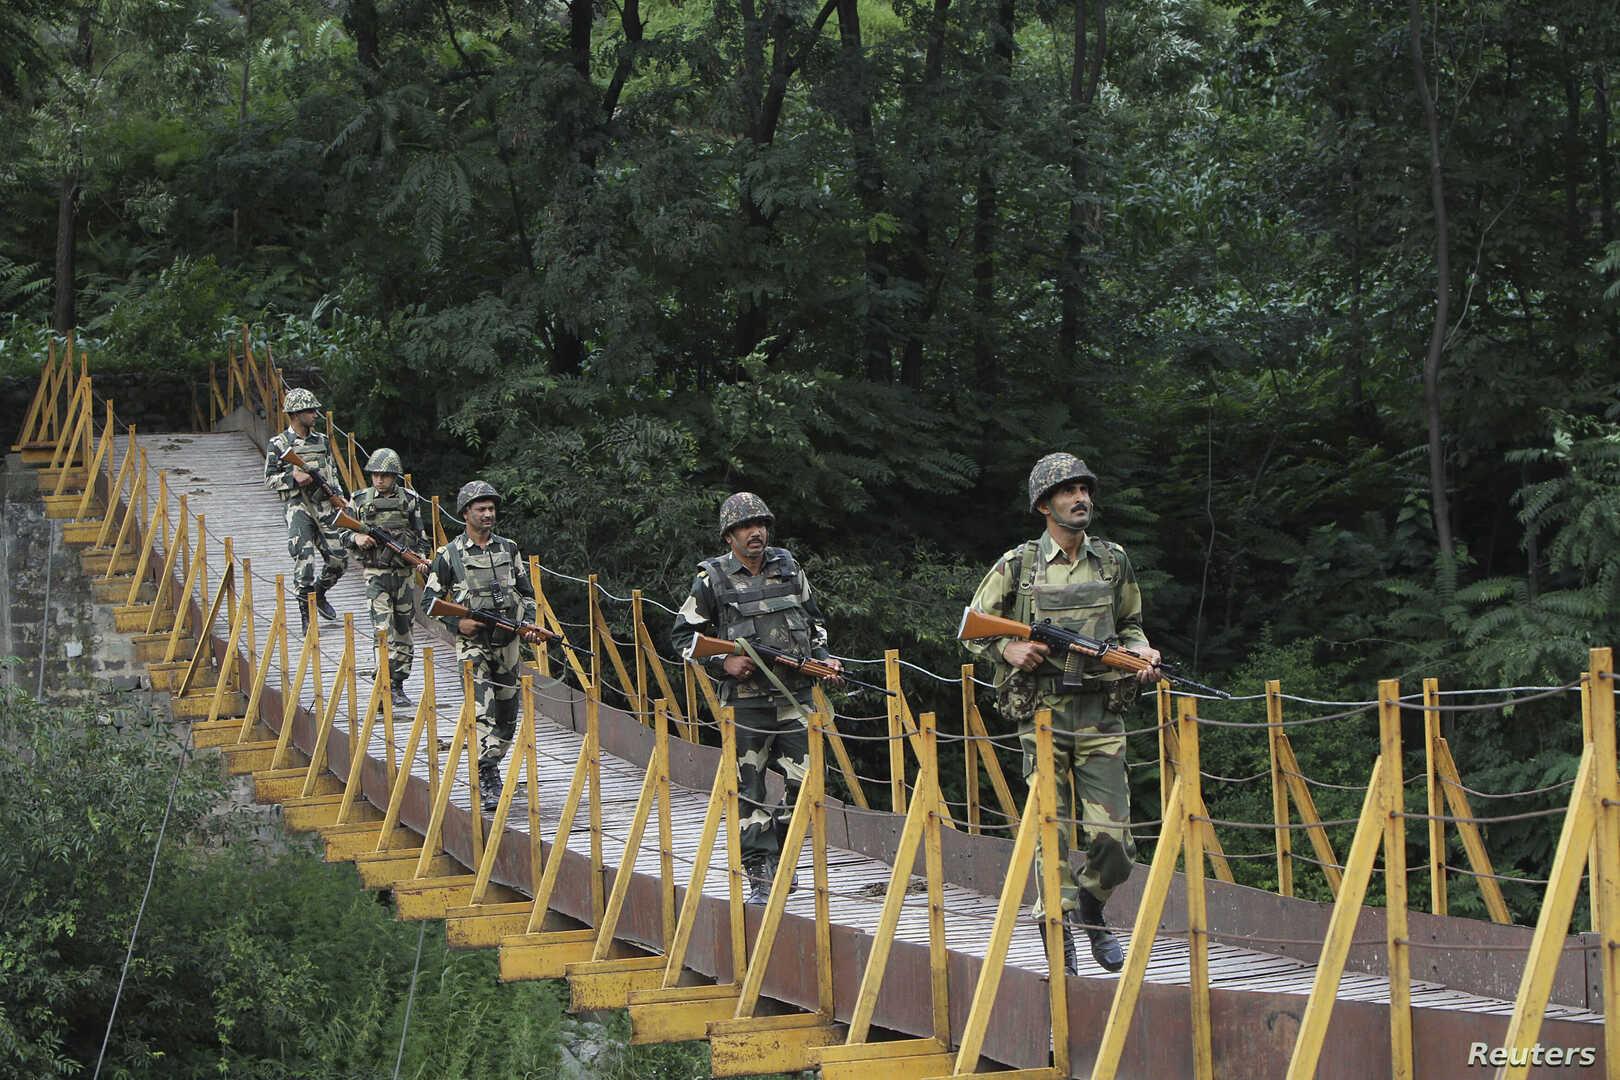 فقدان جندي صيني في المنطقة الحدودية مع الهند